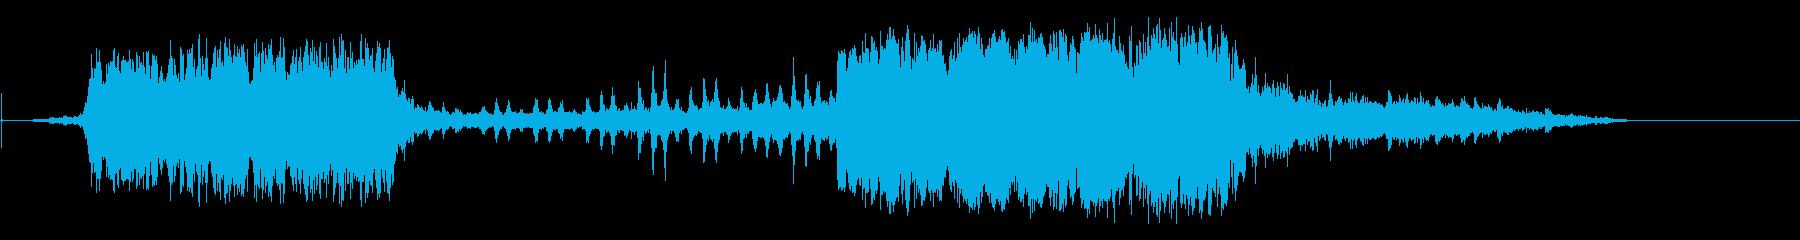 蒸気機関車2のsの再生済みの波形